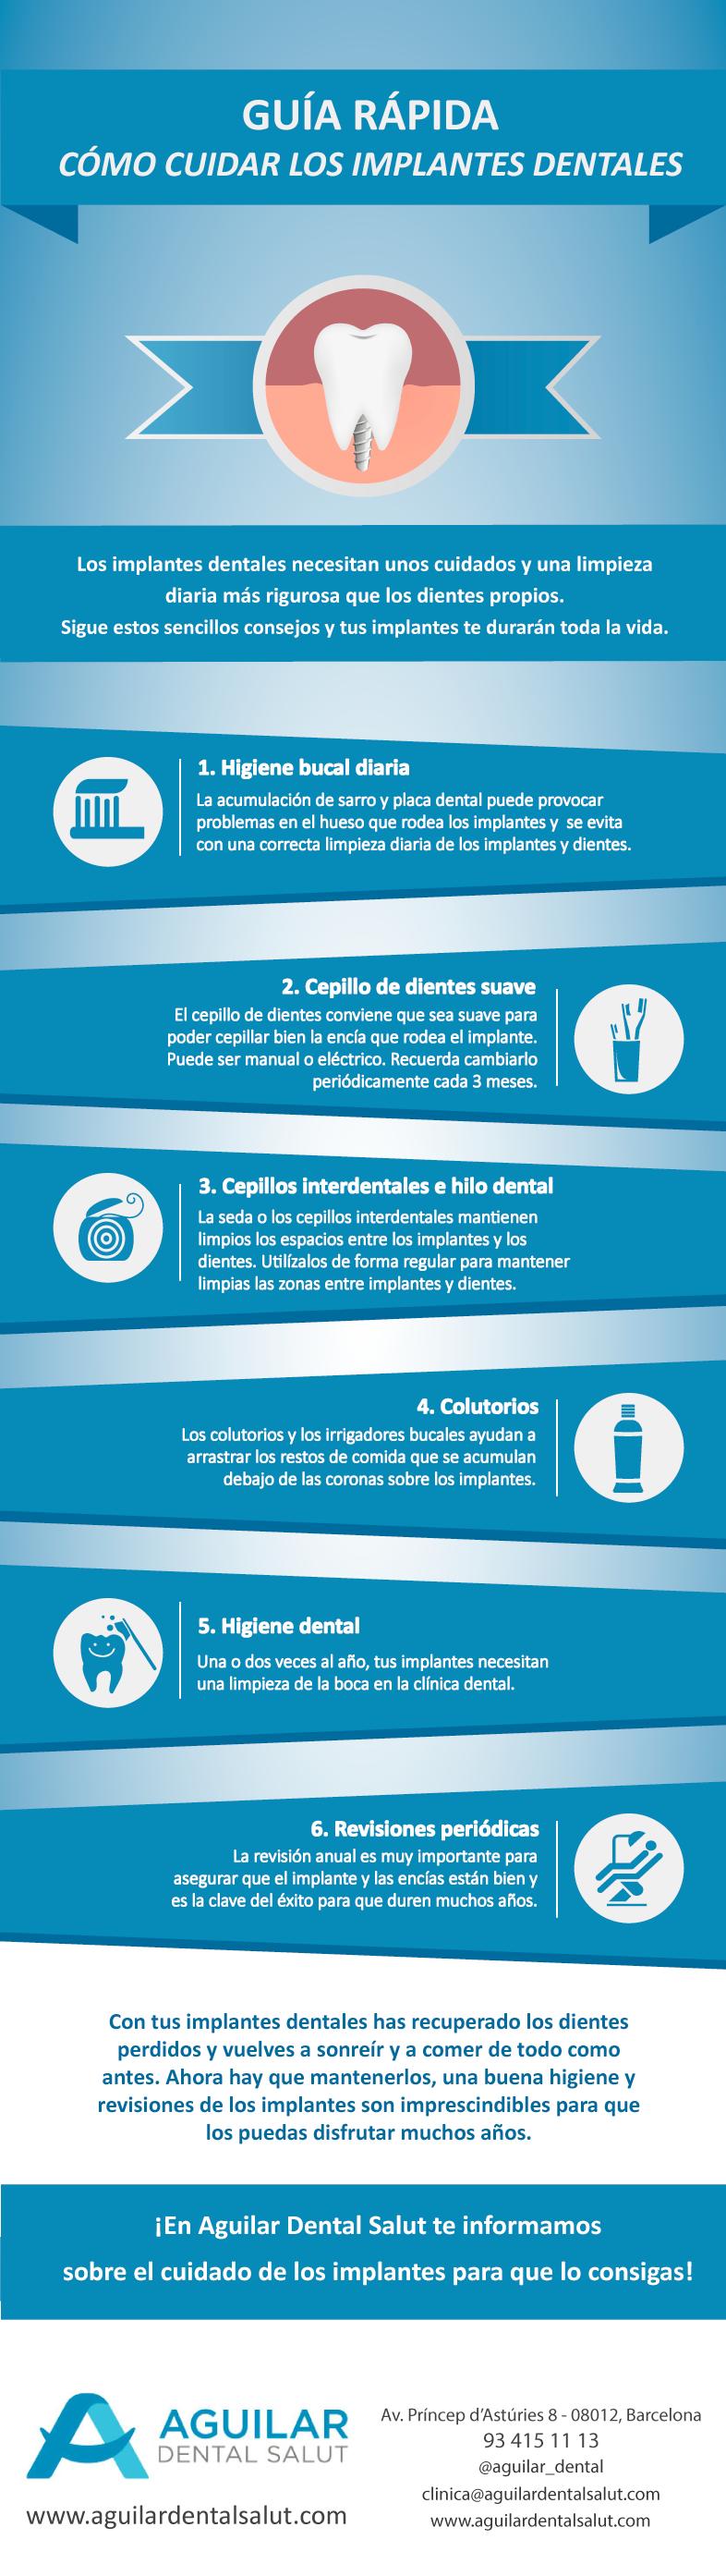 Guía rápida: cuidado de los implantes dentales